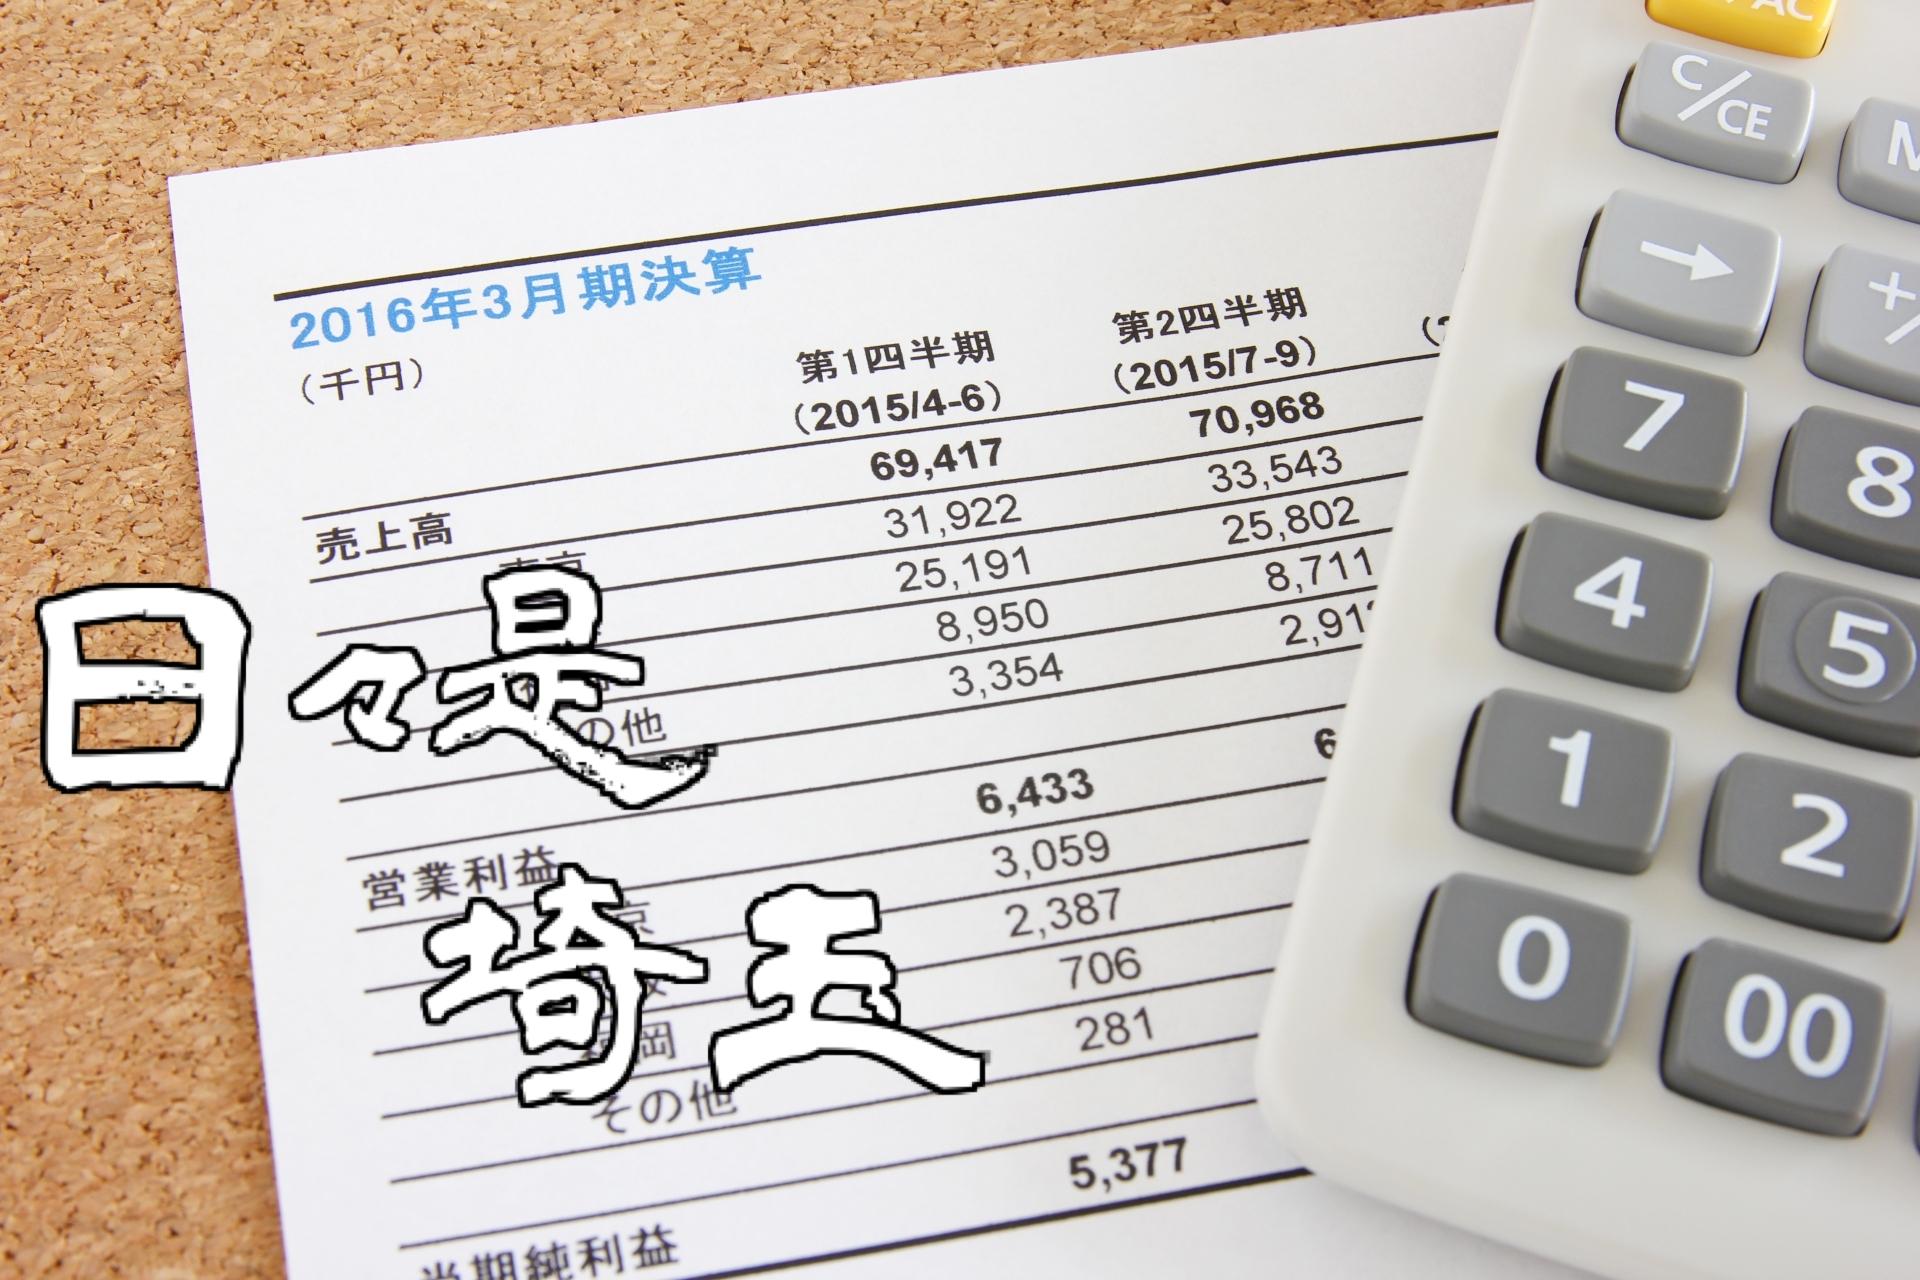 【日々是埼玉 2019/6/6】製造・小売に逆風ー2018年度埼玉県内上場企業の決算から